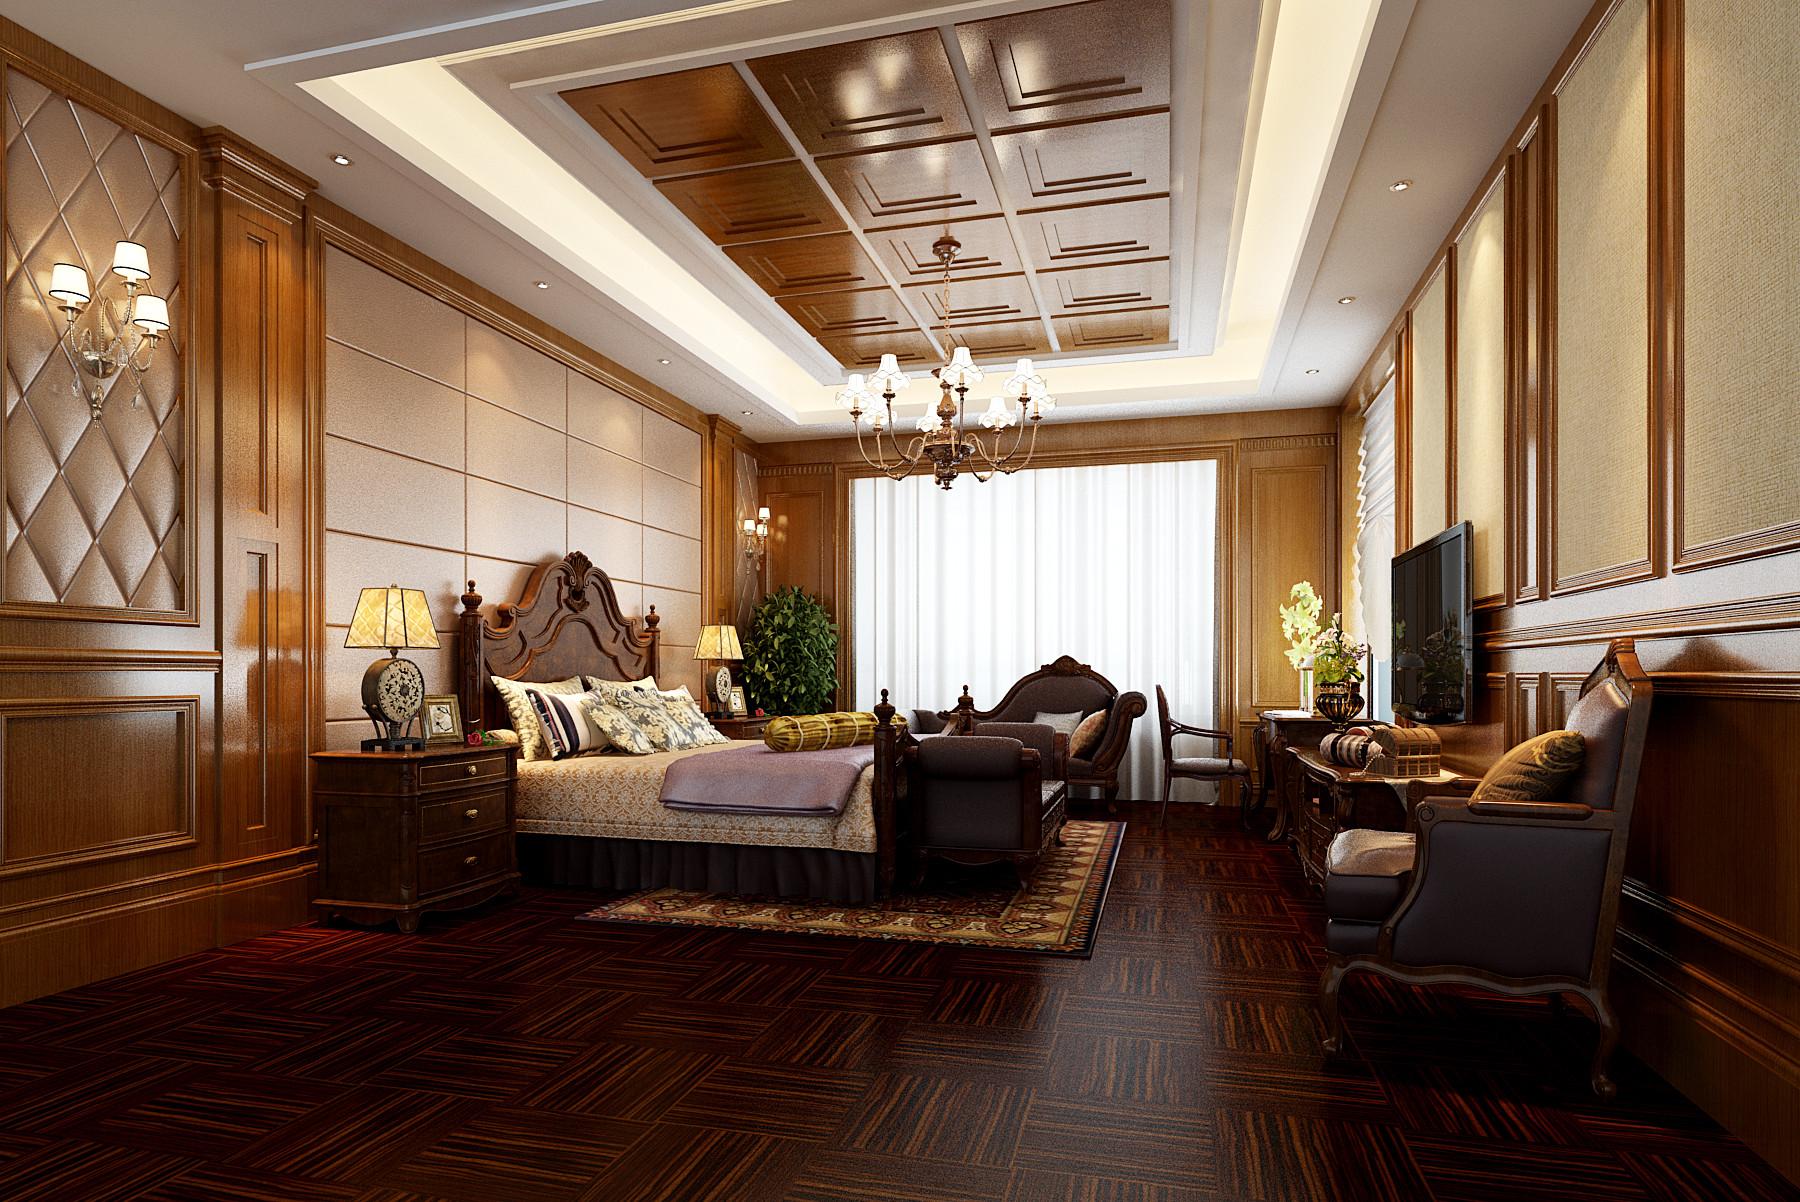 美式豪华四房装修主卧设计图